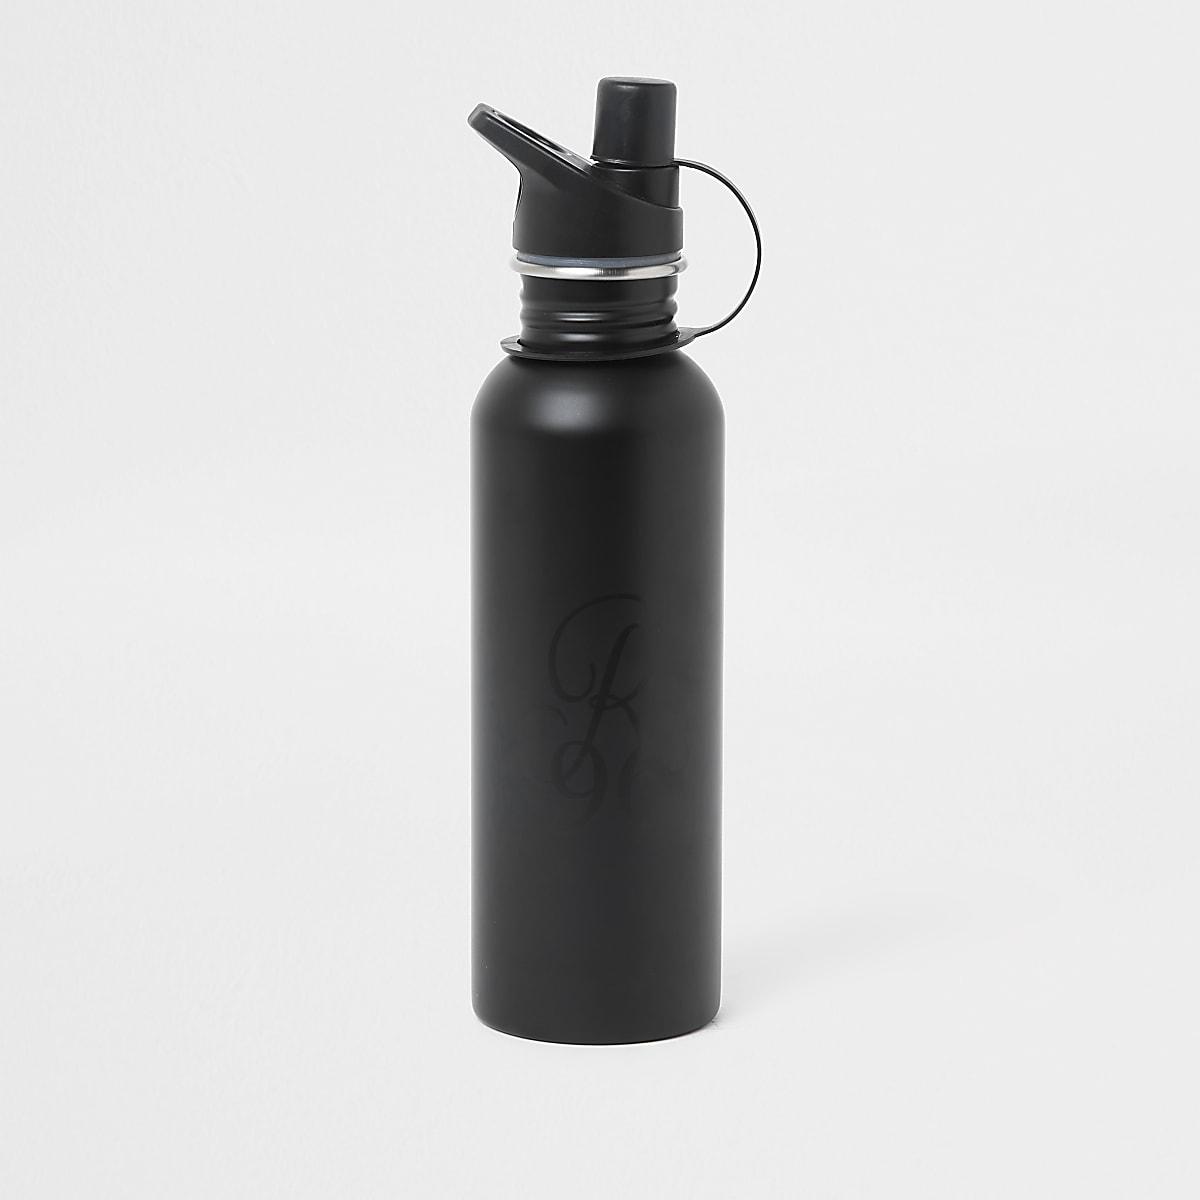 R96 black water bottle